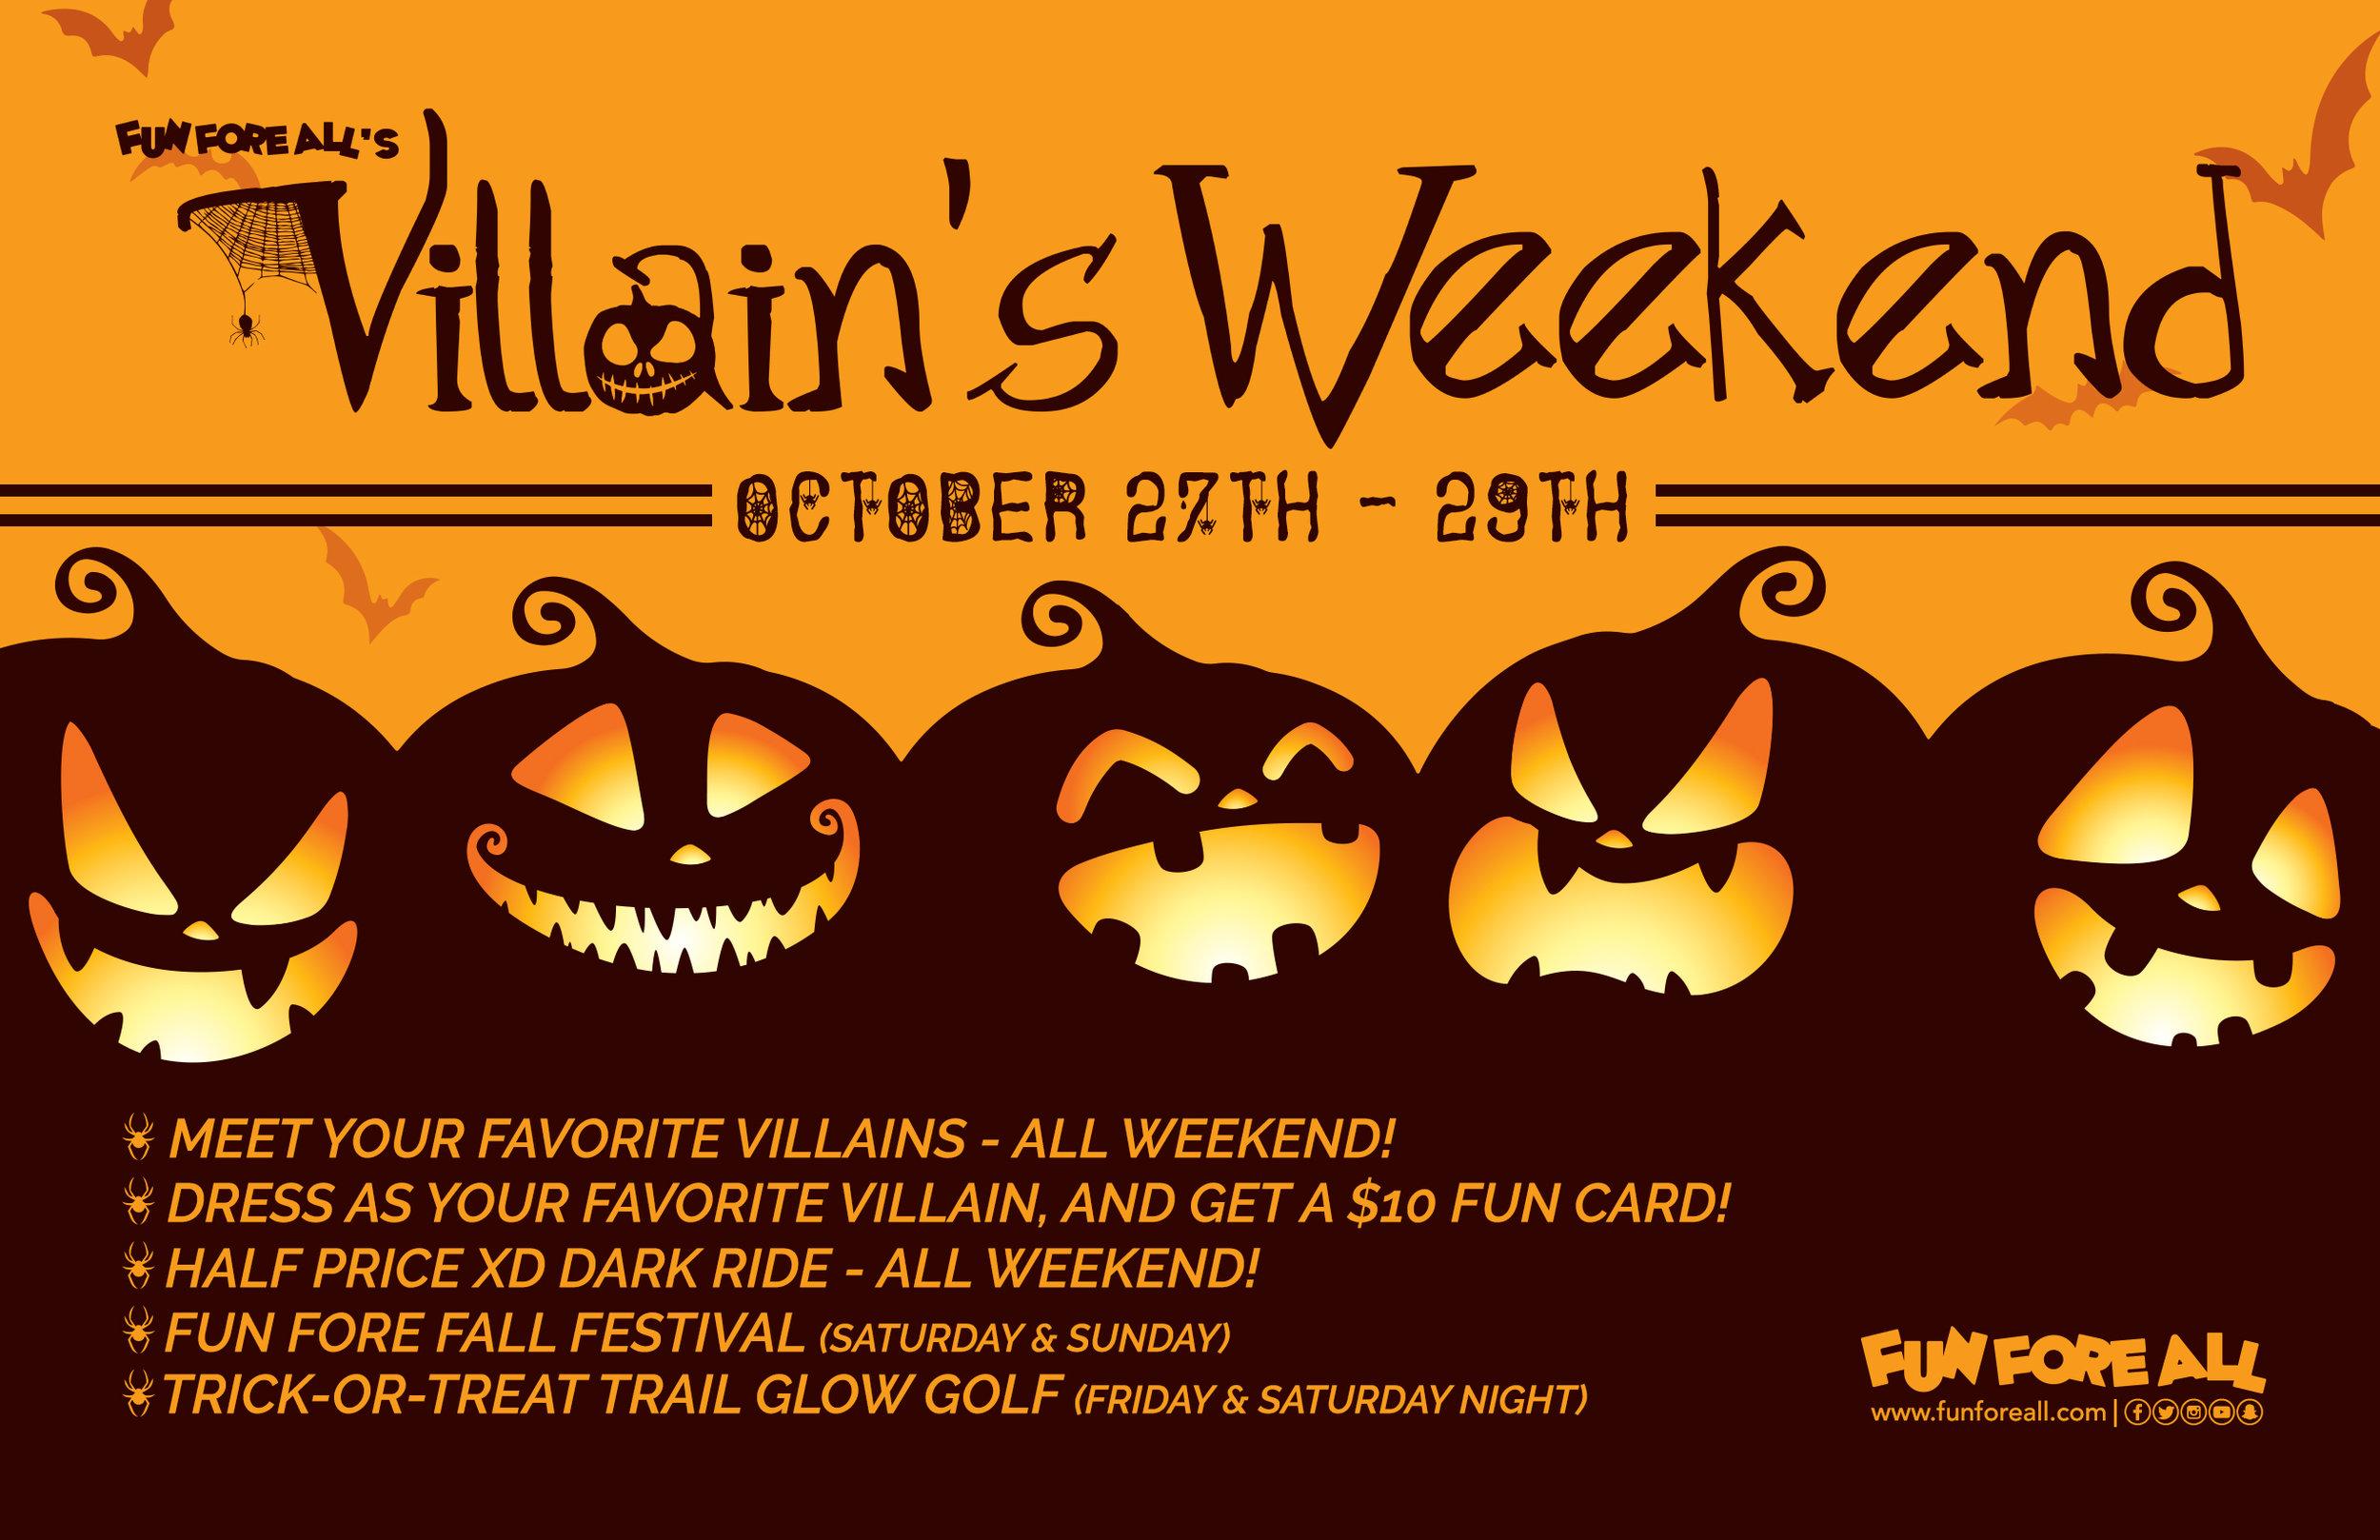 Villains Weekend Flyer Print 3.jpg